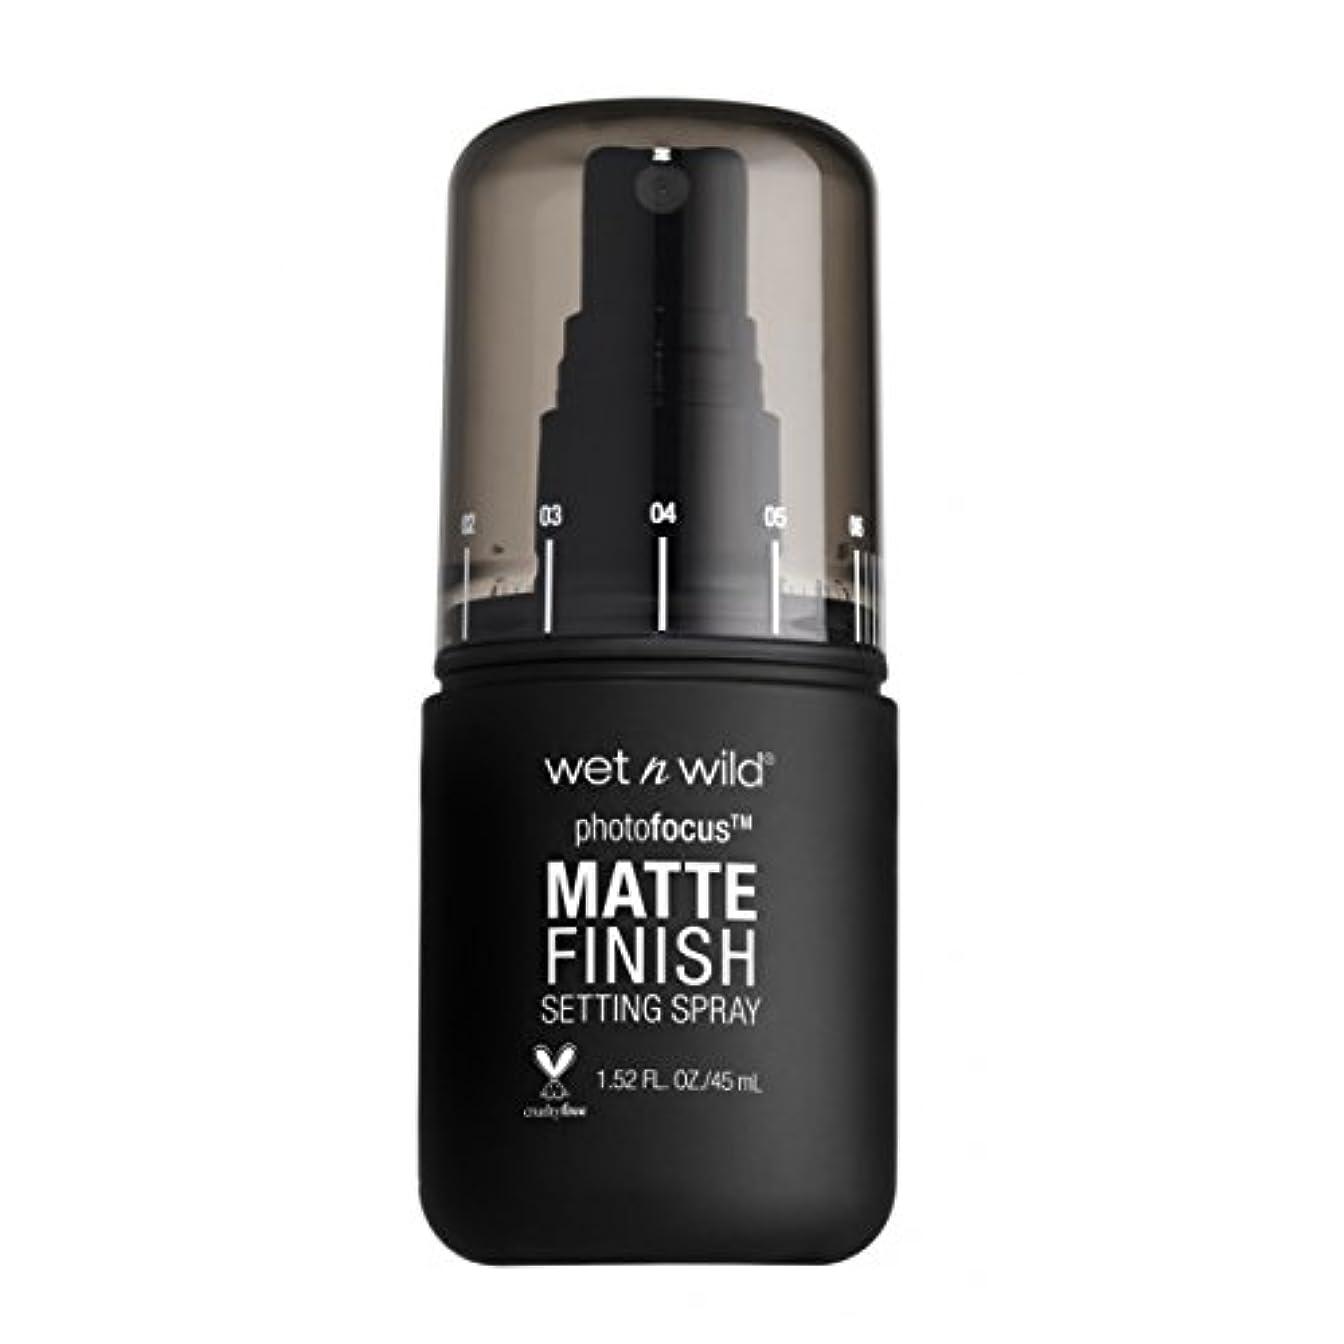 担当者ハウススリップシューズ(3 Pack) WET N WILD Photo Focus Matte Finish Setting Spray - Matte Appeal (並行輸入品)